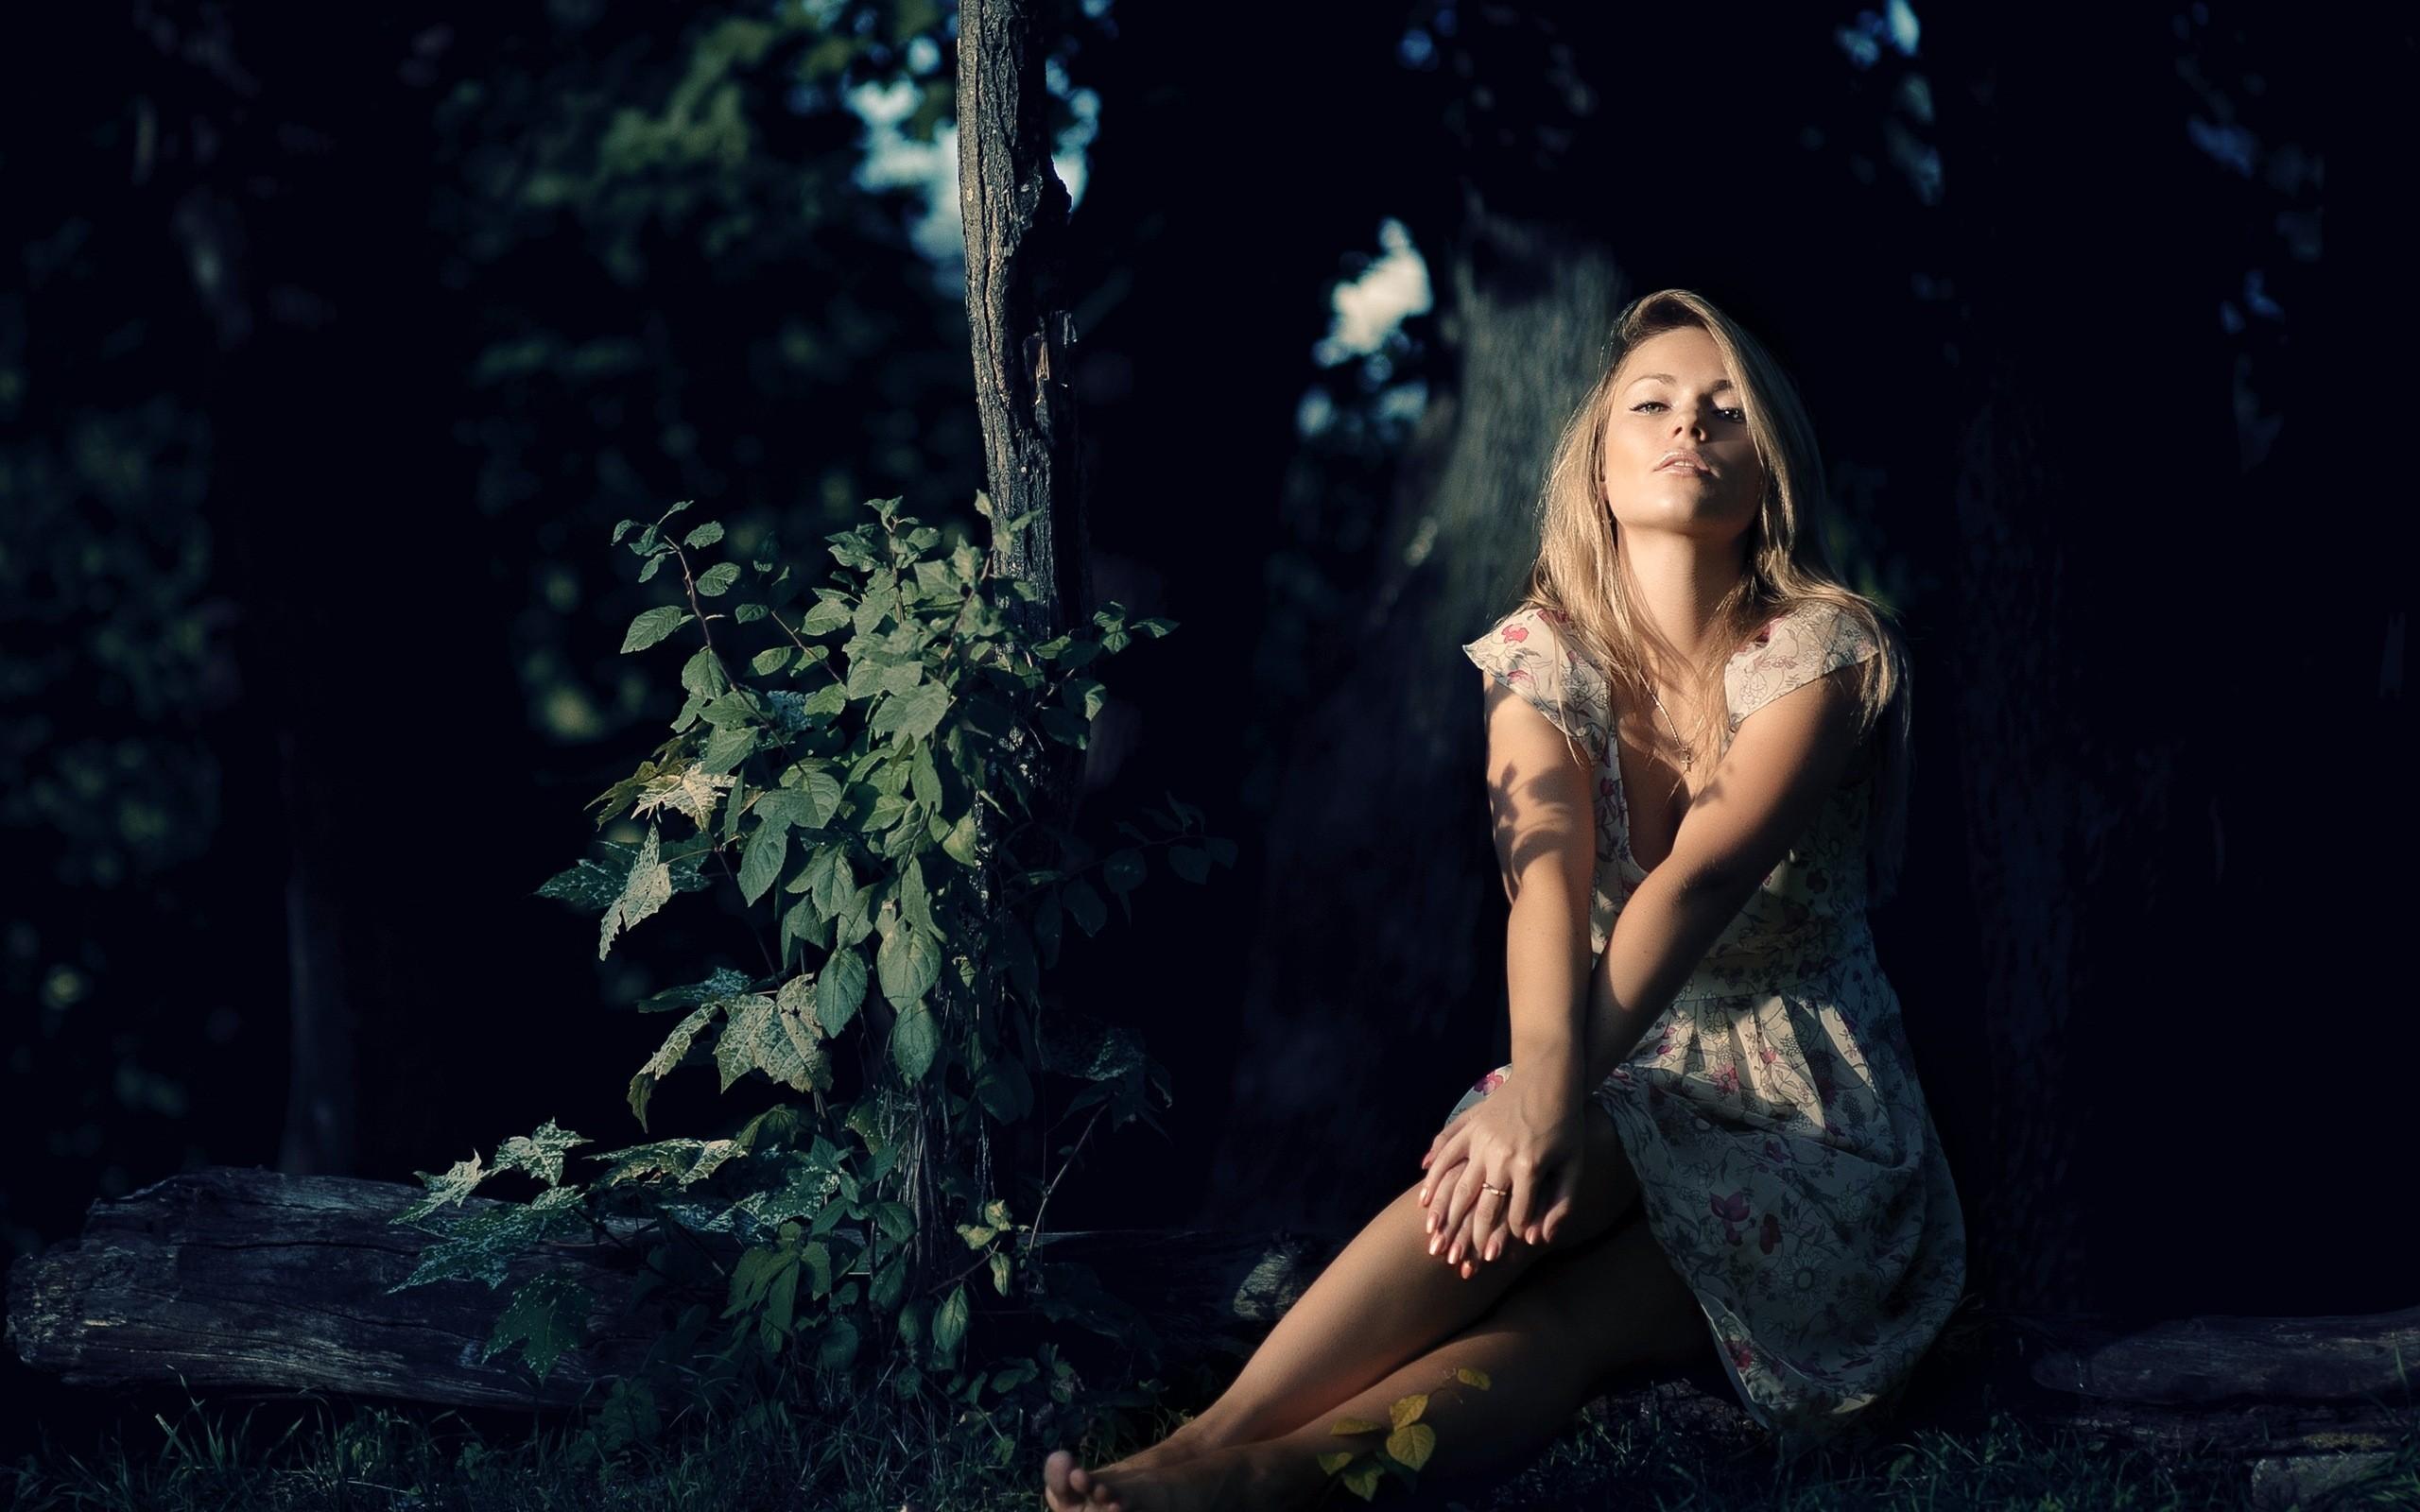 Картинки красивых блондинок в лесу